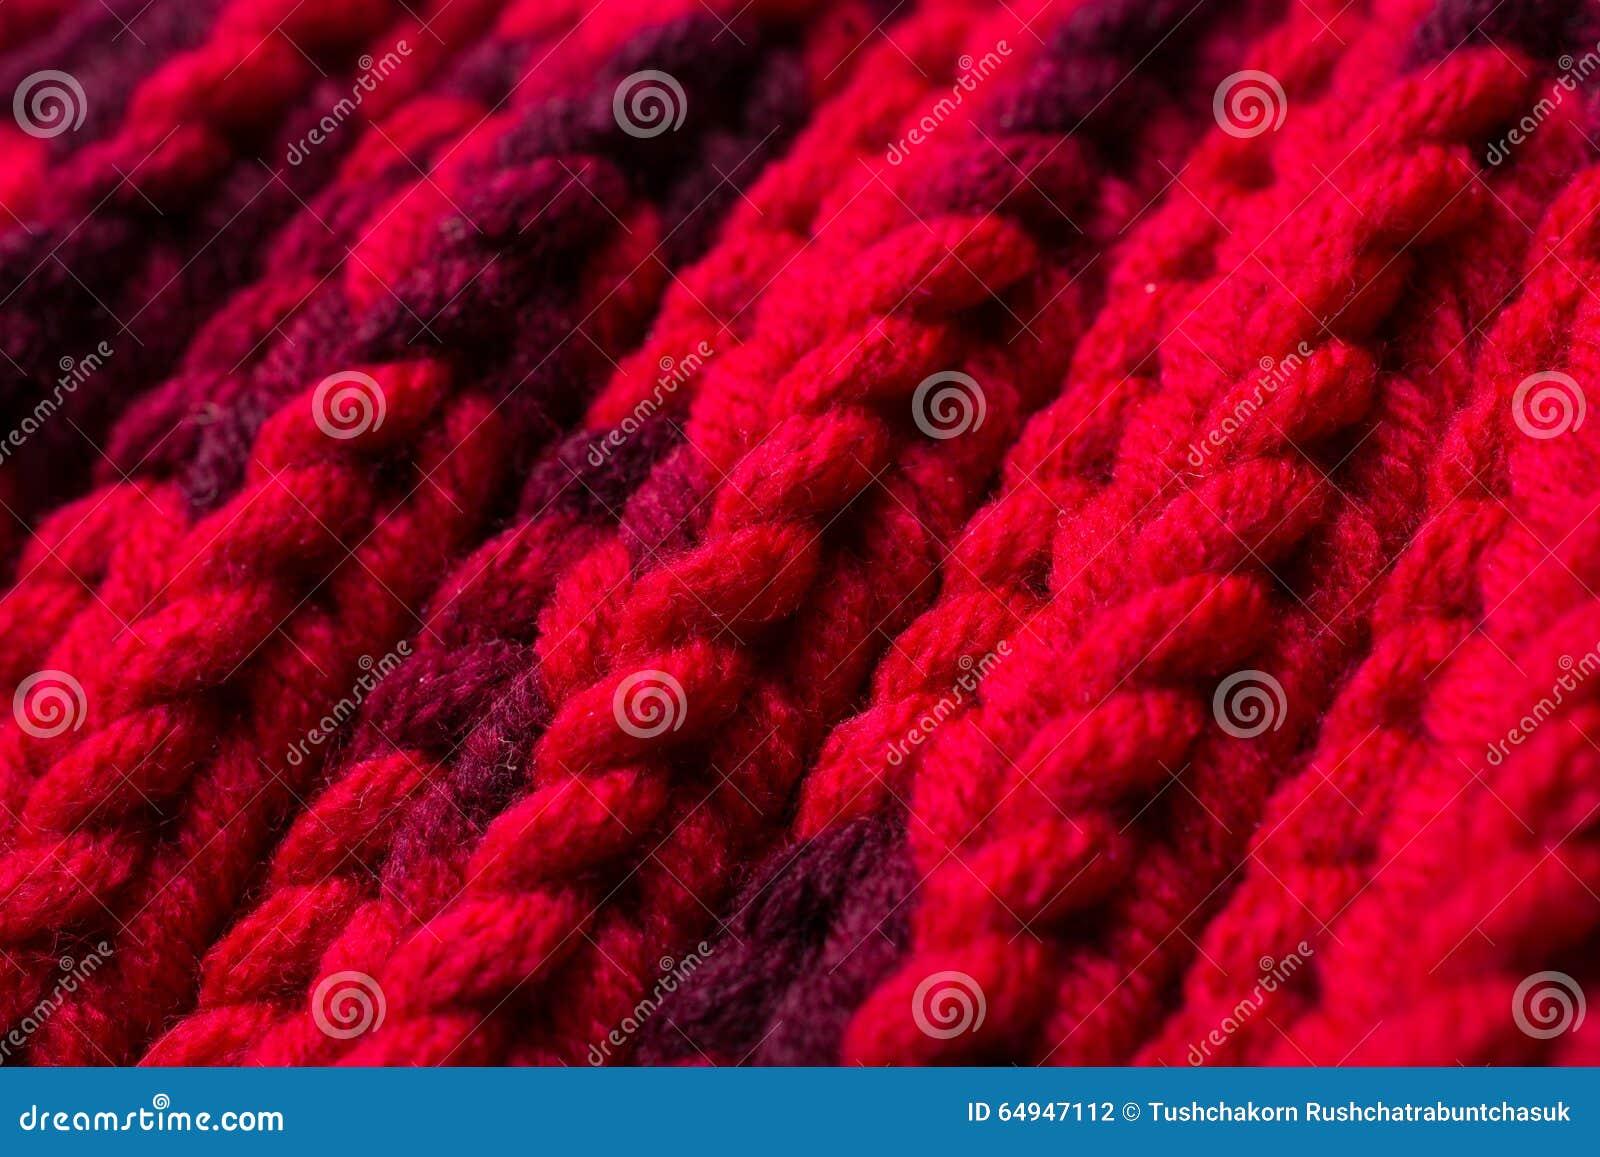 Rode zijde prom Ik breide een kruisend patroon